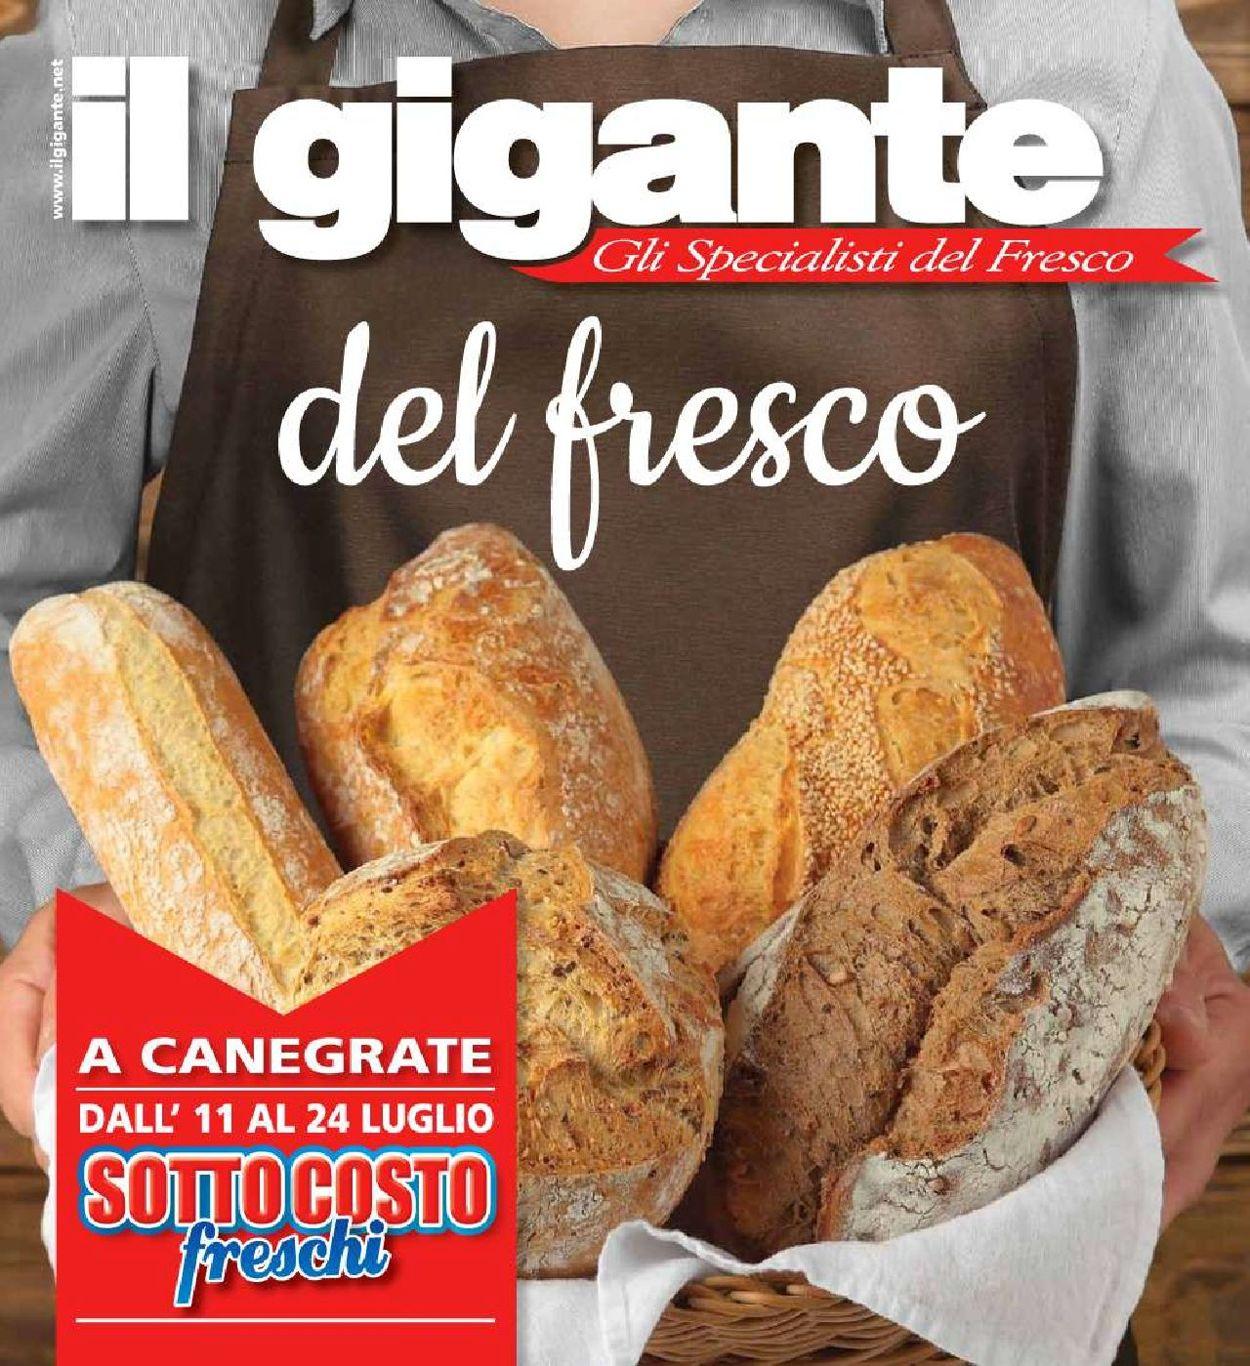 Volantino Il Gigante - Offerte 11/07-24/07/2019